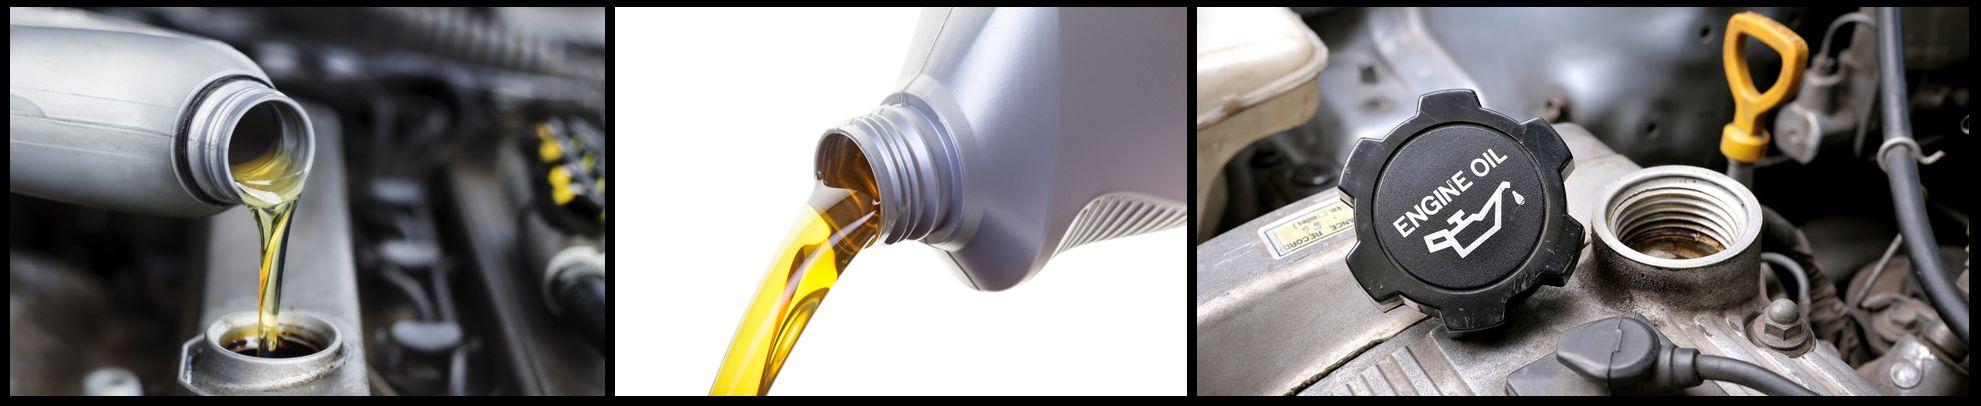 wymiana oleju warszawa